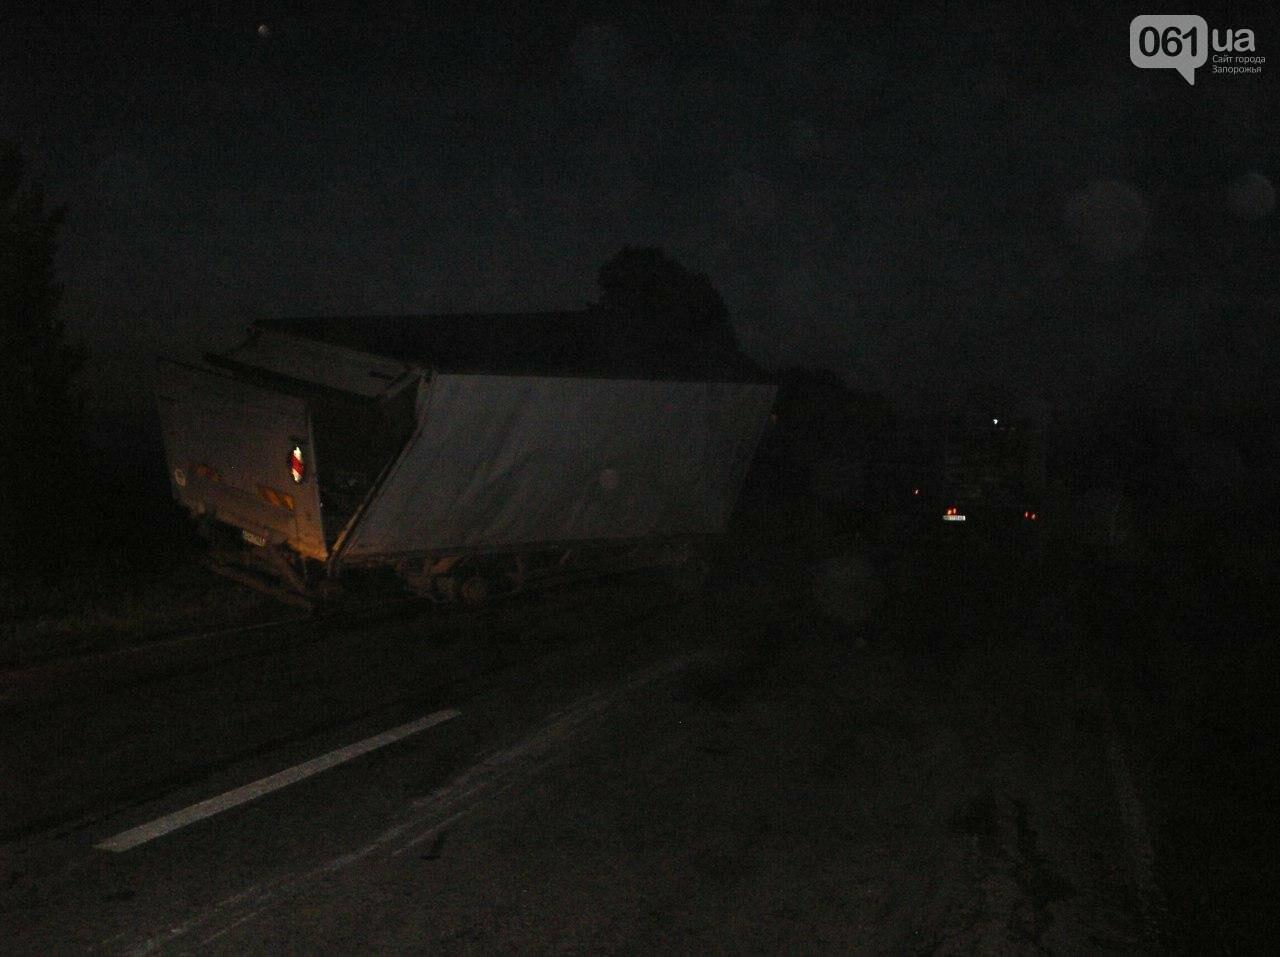 В Запорожской области перевернулся грузовик, в котором было 5 тонн клубники, - ФОТО, фото-2